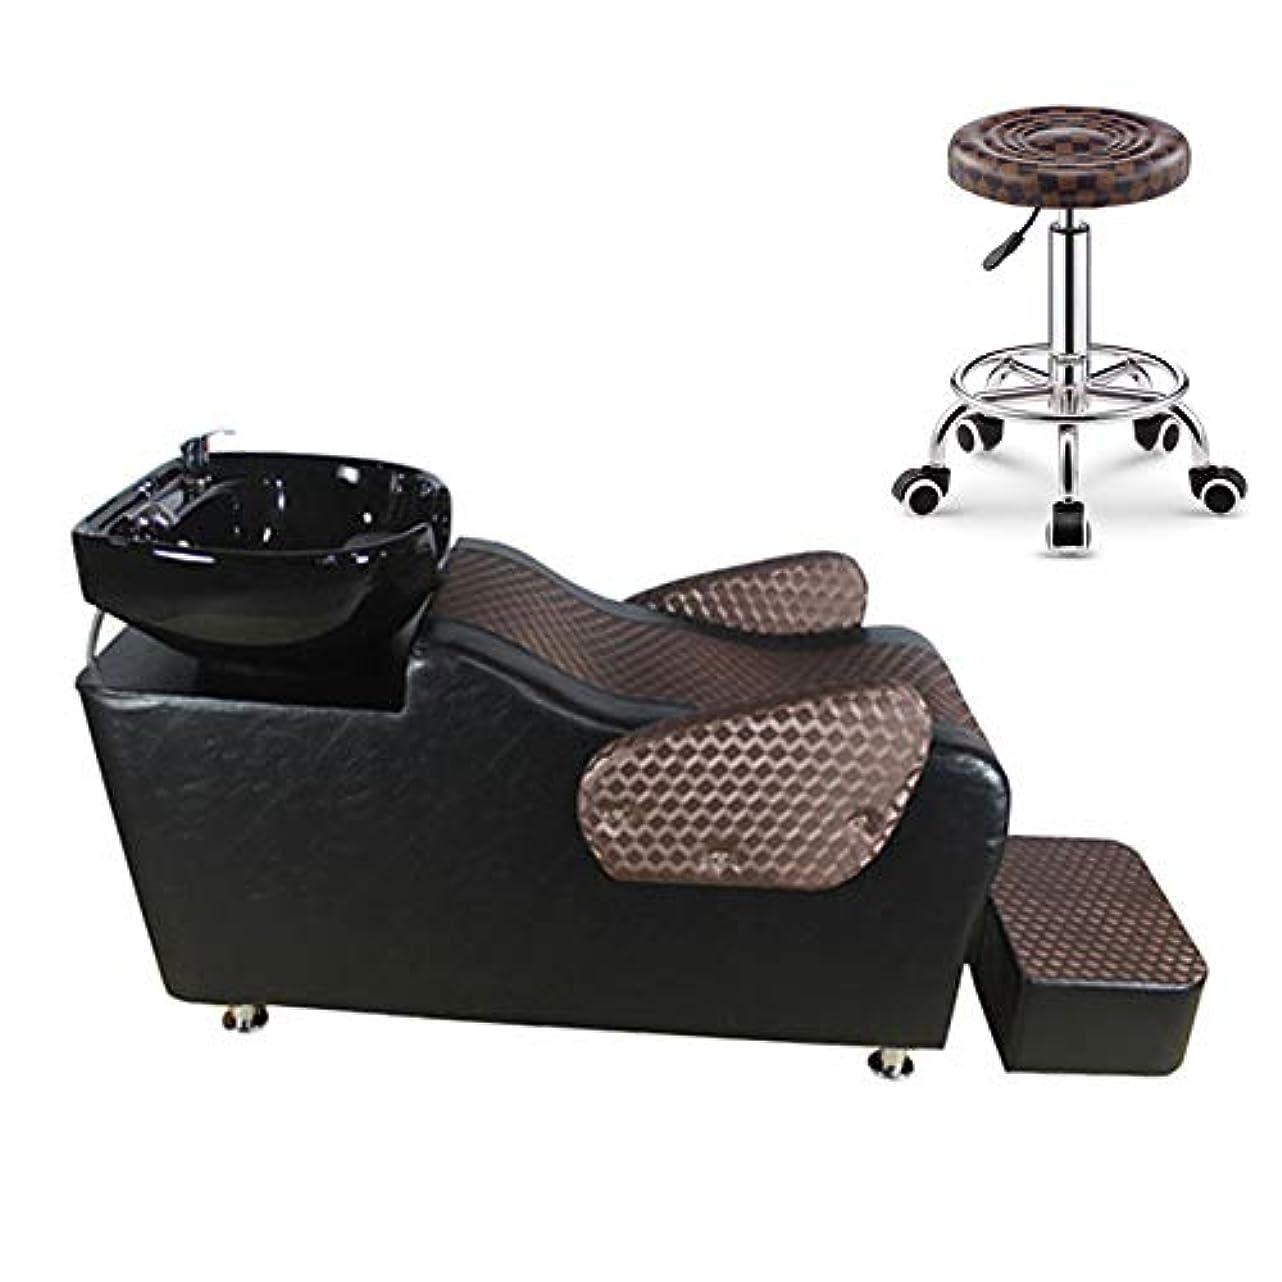 ヒューズ絶えずバンクシャンプーの椅子、逆洗の単位の鉱泉の美容院装置の打つ水ベッドの椅子のためのシャンプーボールの理髪の流しの椅子